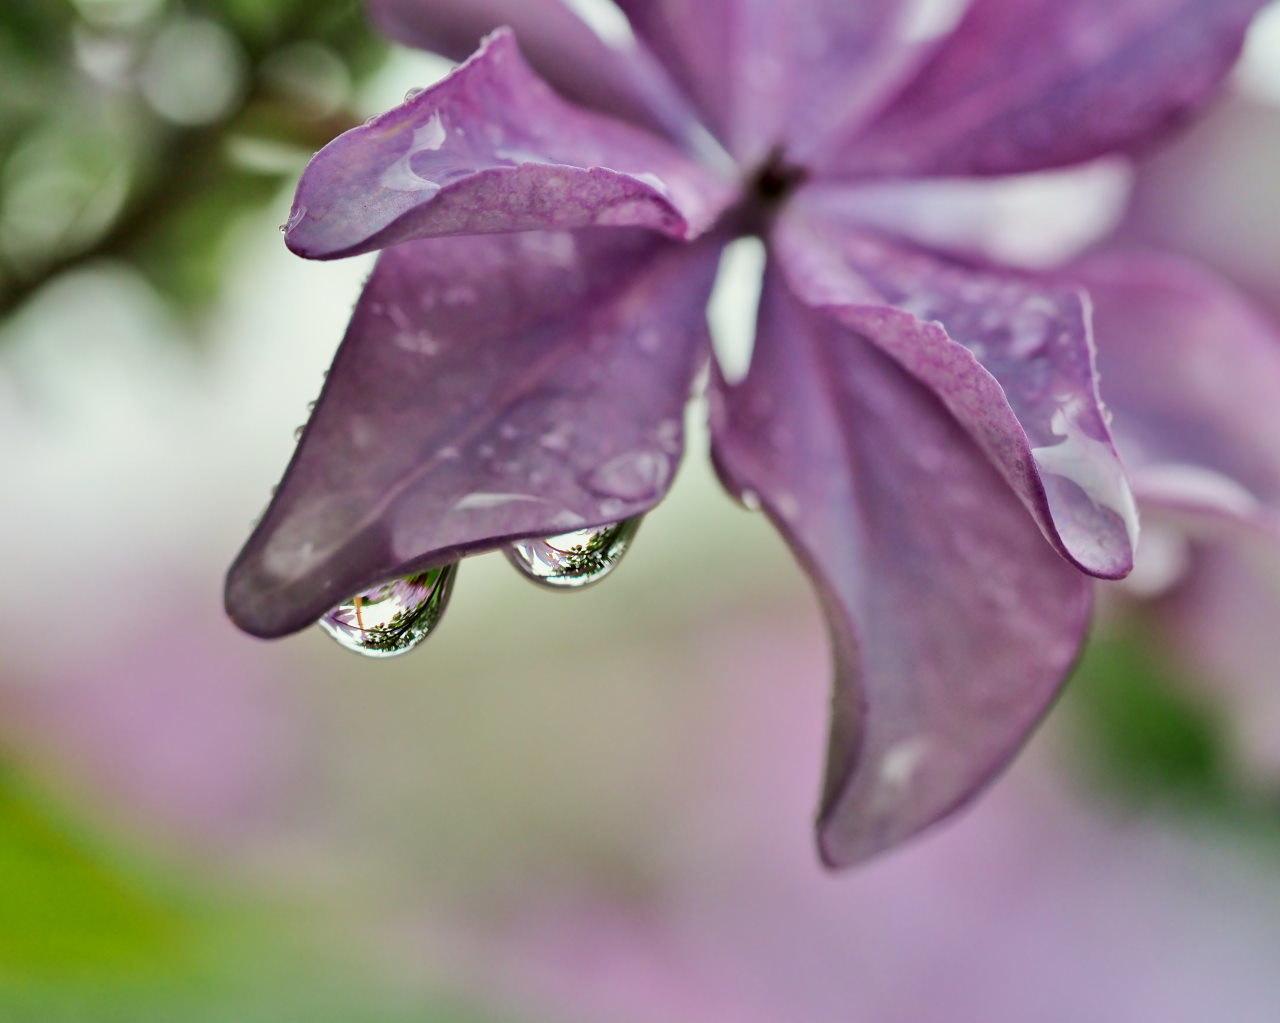 梅雨さなか アジサイなど色々と_c0305565_17261799.jpg